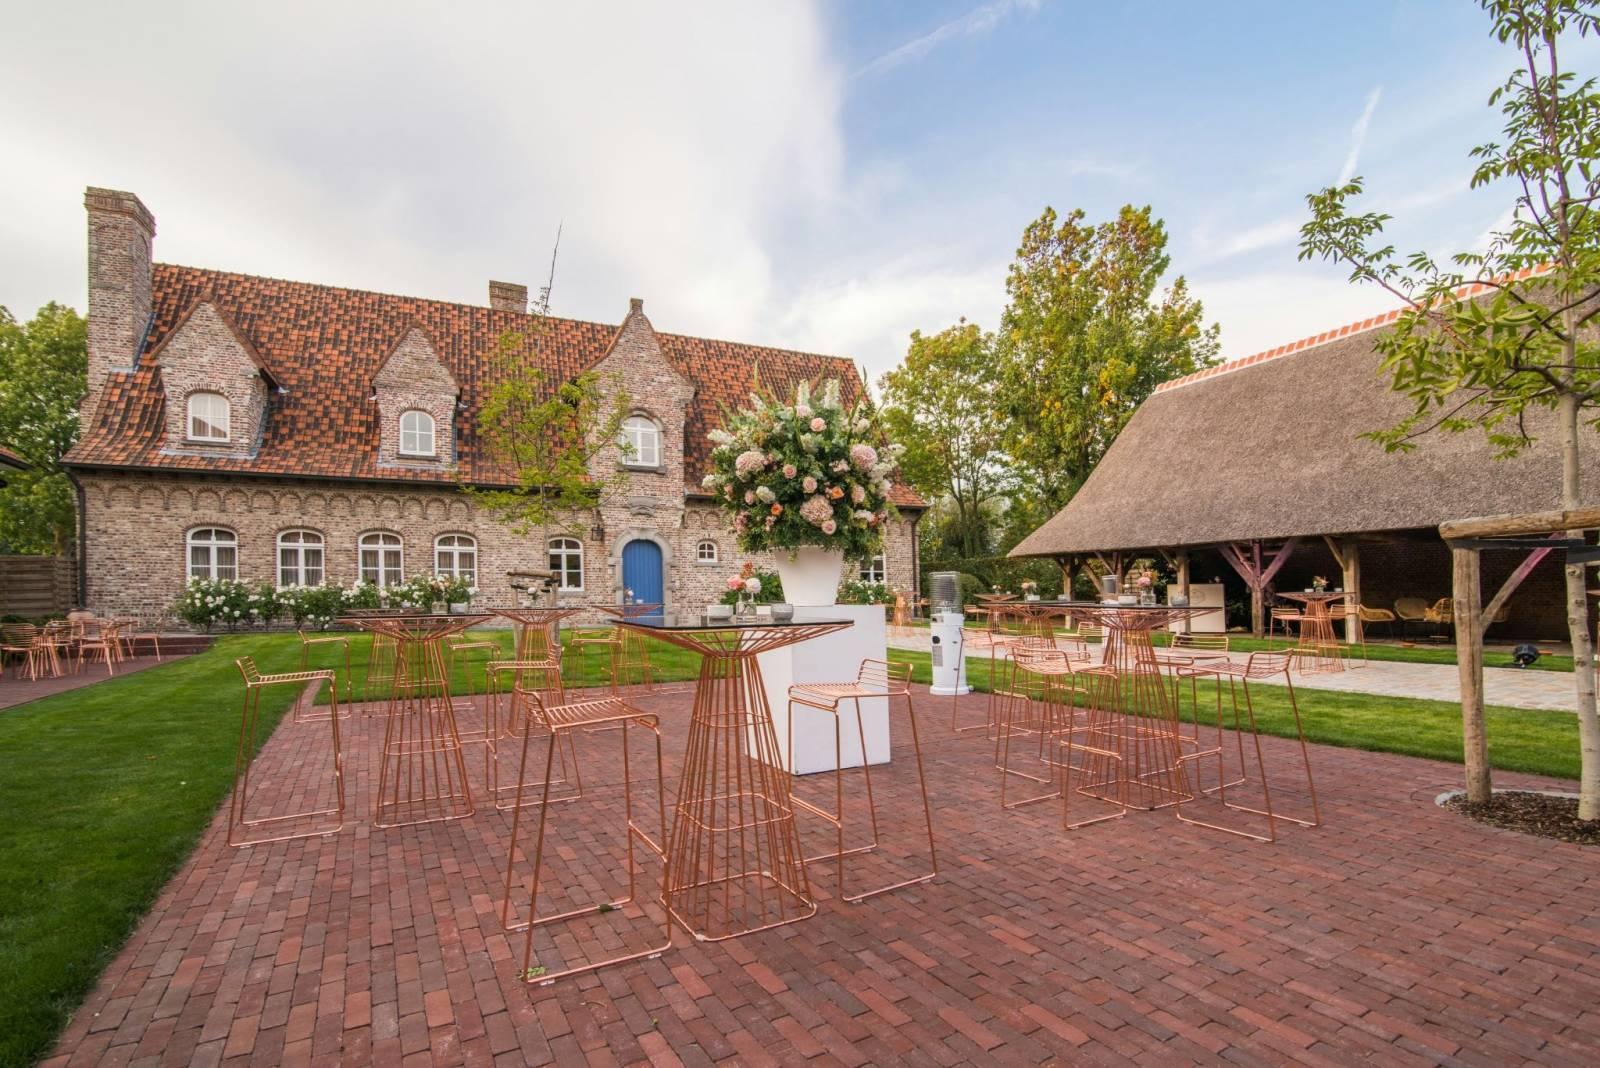 Hoeve de Blauwpoorte - Feestzaal - Feestlocatie - Hoeve - Kortrijk (West-Vlaanderen) - House of Events - 6